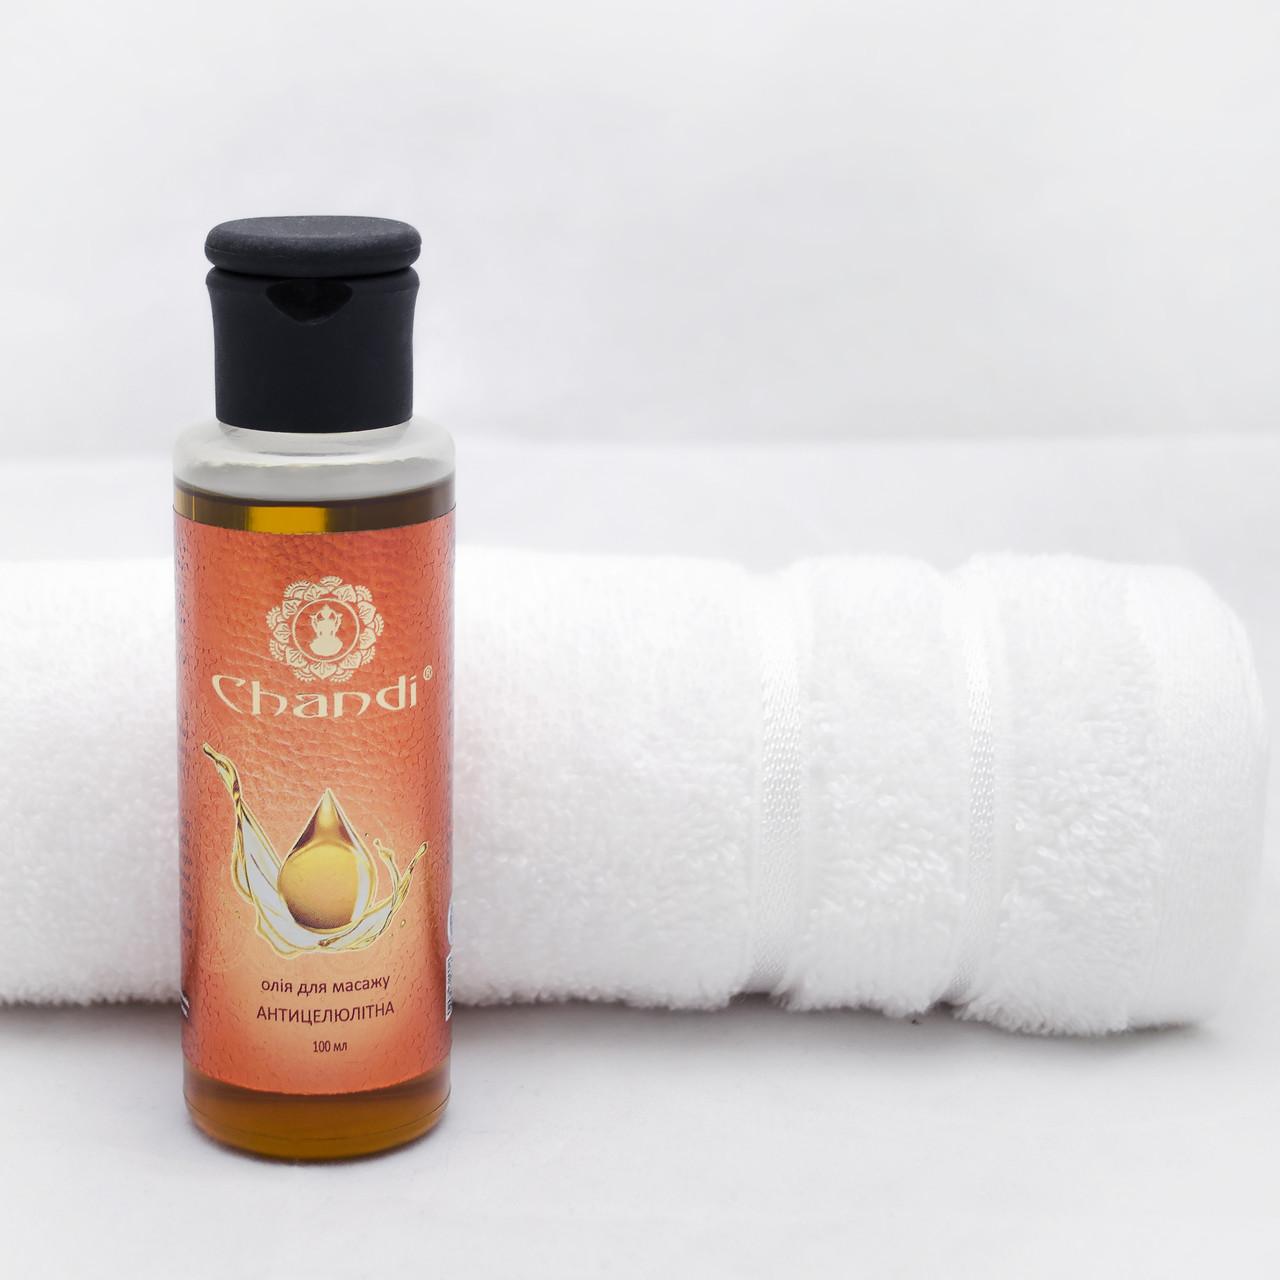 Олія для масажу Антицелюлітна 100 мл. Chandi